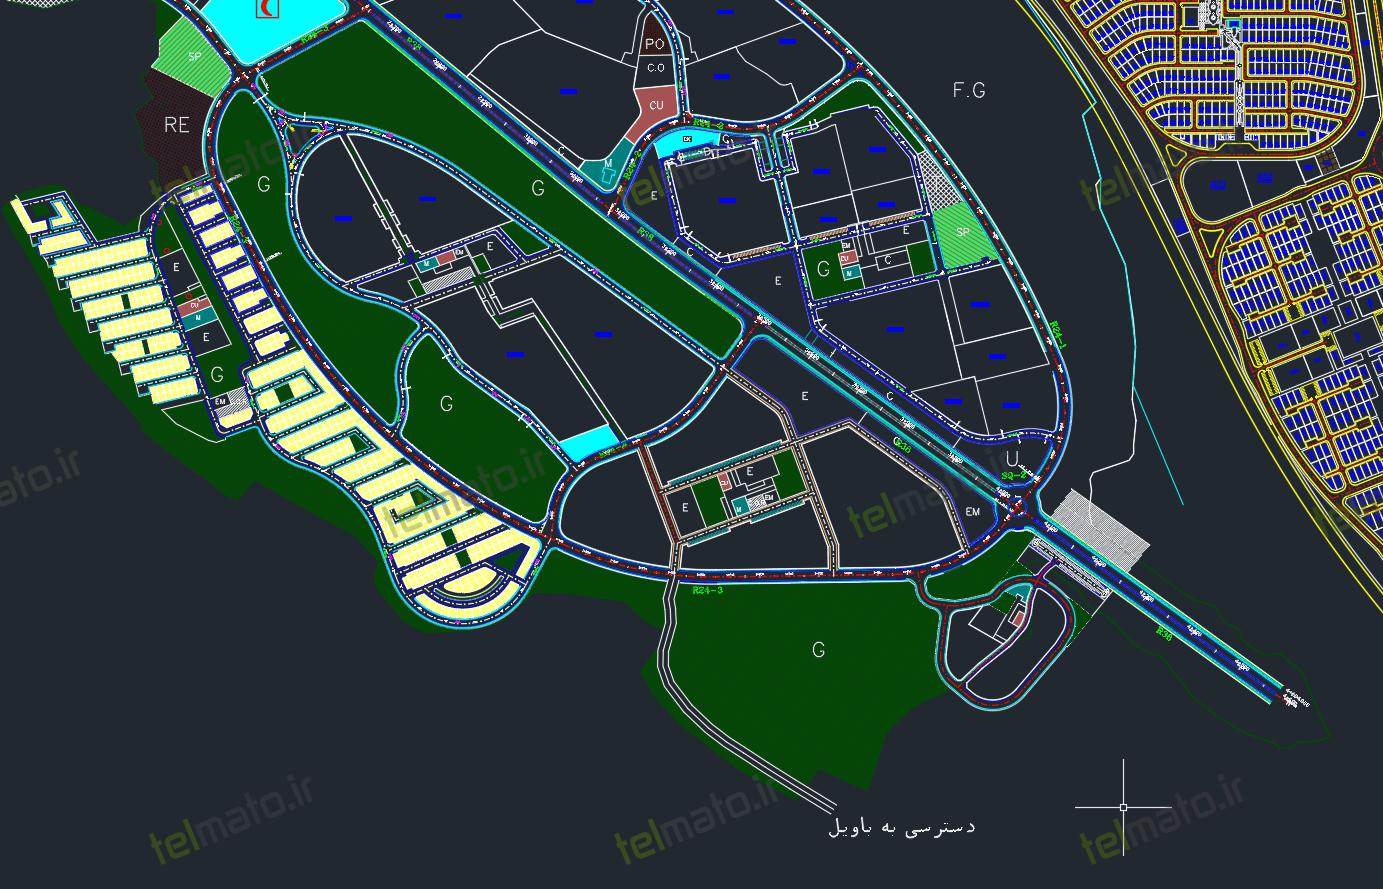 دانلود نقشه کامل اتوکد شهر جدید سهند تبریز با فرمت DWG + فایل autocad